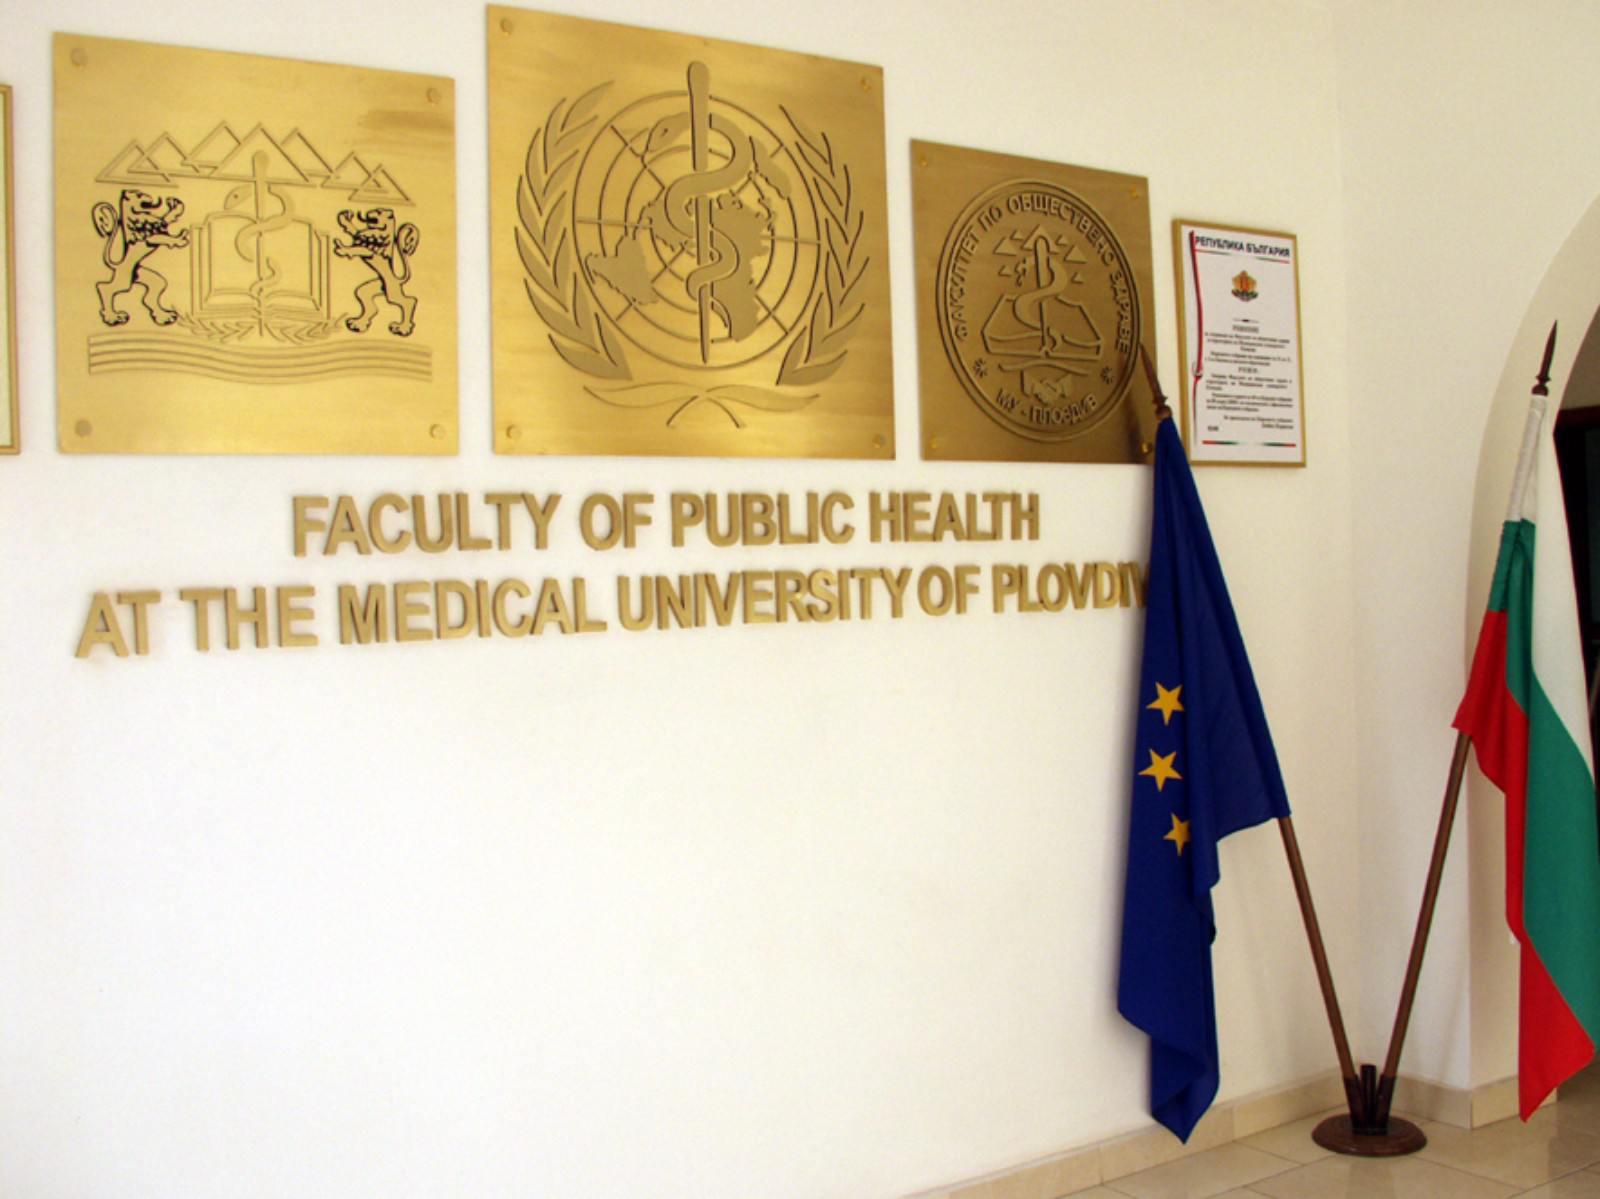 Факултет по обществено здраве, Медицински университет - Пловдив